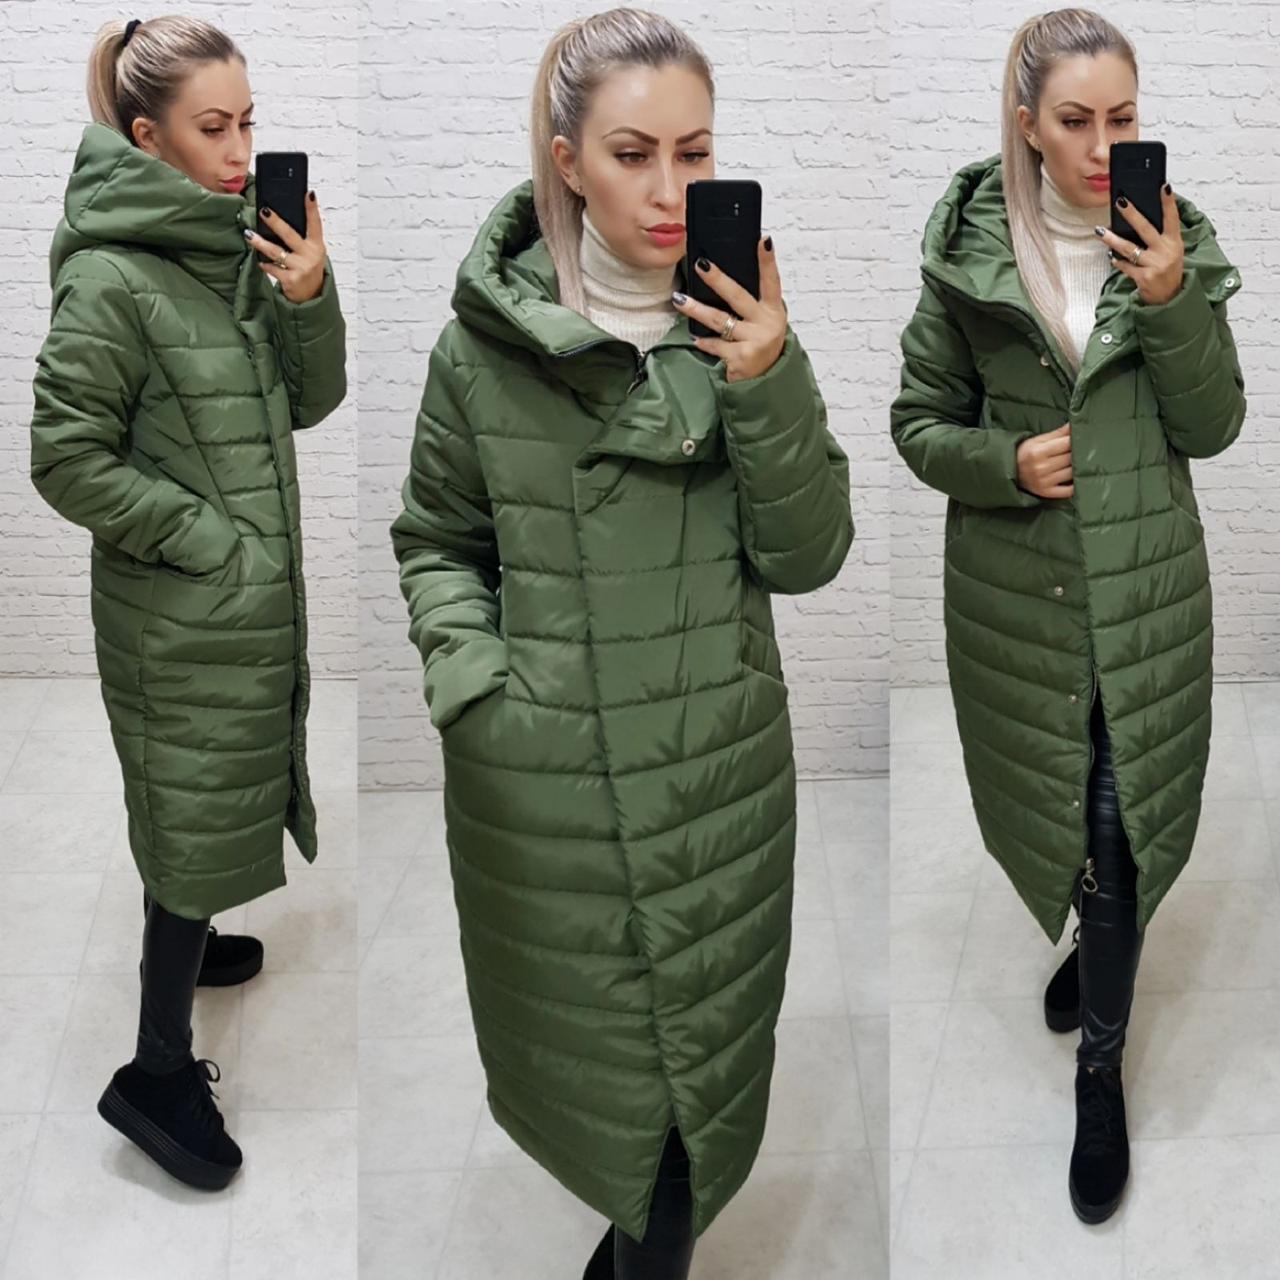 Куртка кокон зимняя стеганная арт. 180 плащевка Мадонна цвет зеленый хаки / зеленая / зеленого цвета